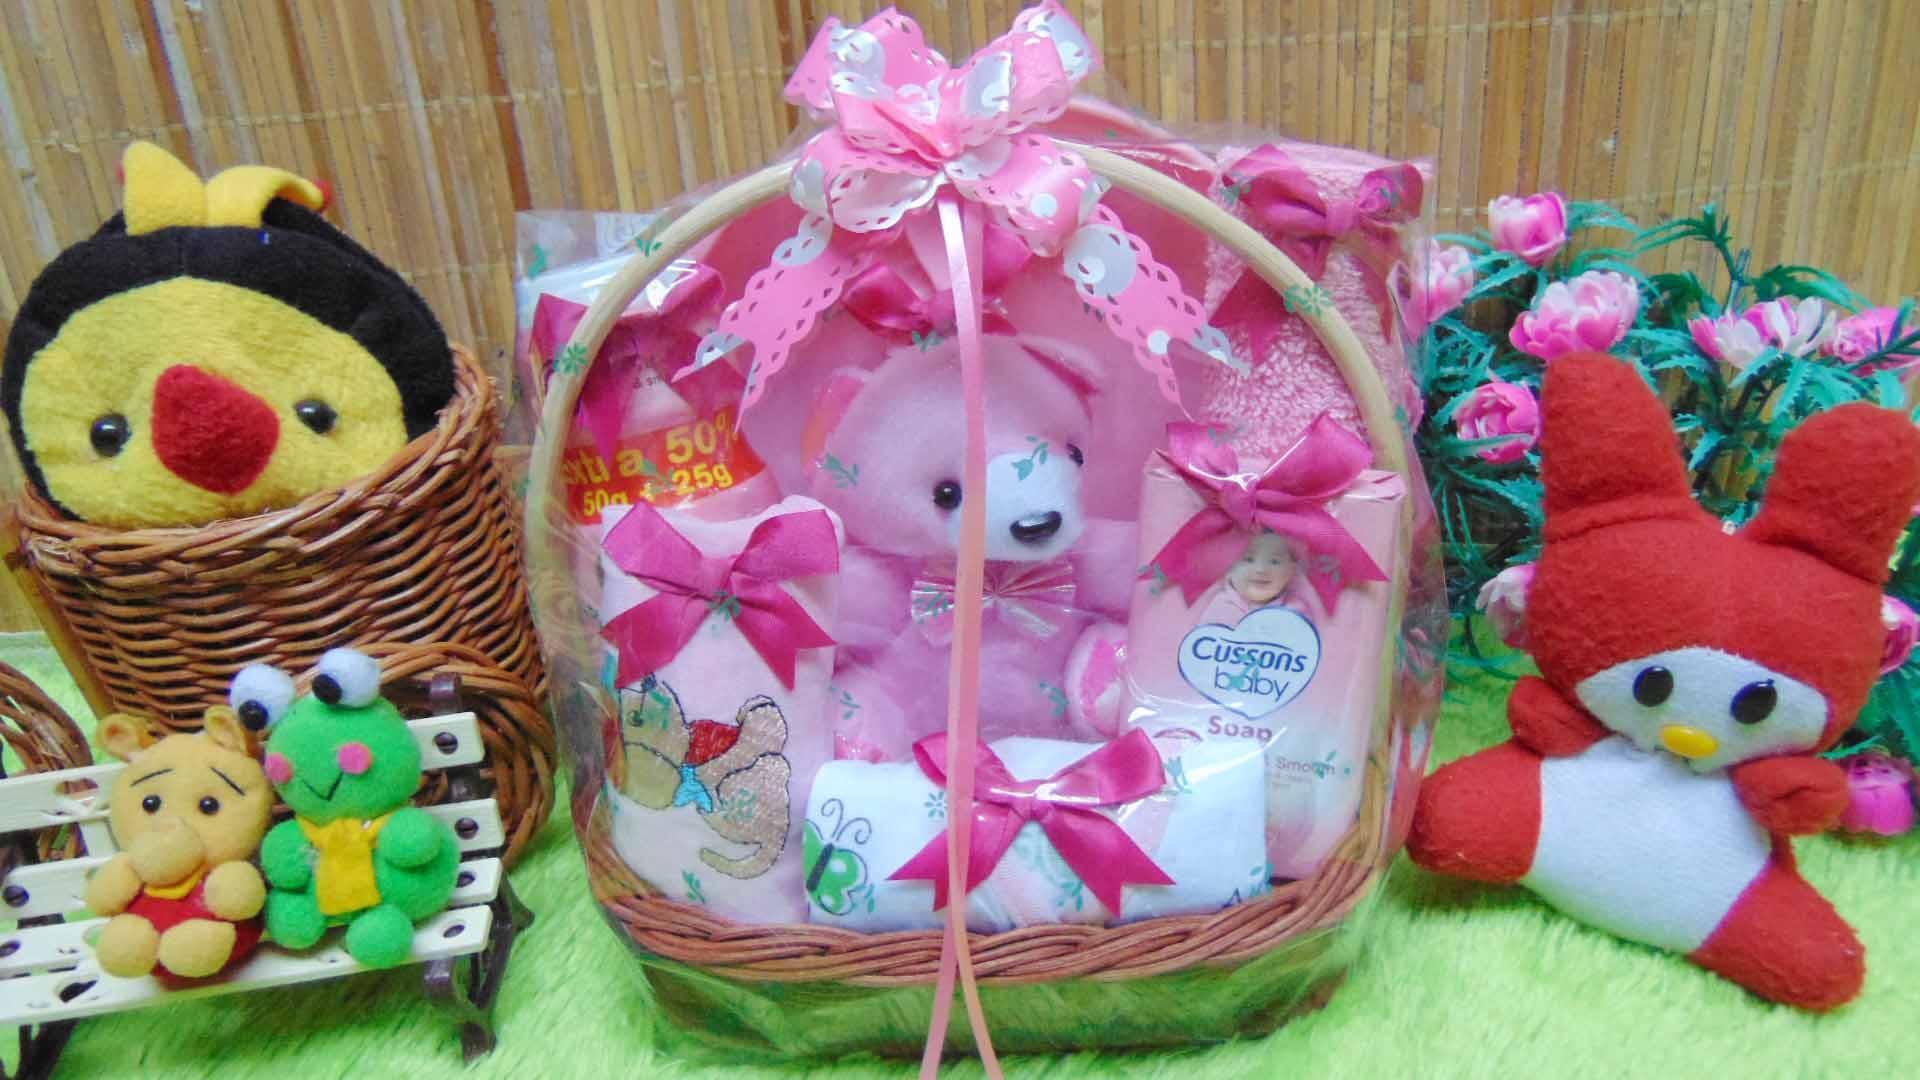 kembarshop - paket kado bayi baby gift – kado lahiran – parcel bayi – parsel kado bayi – keranjang tangkai mini feeding set tempat makan bayi komplit